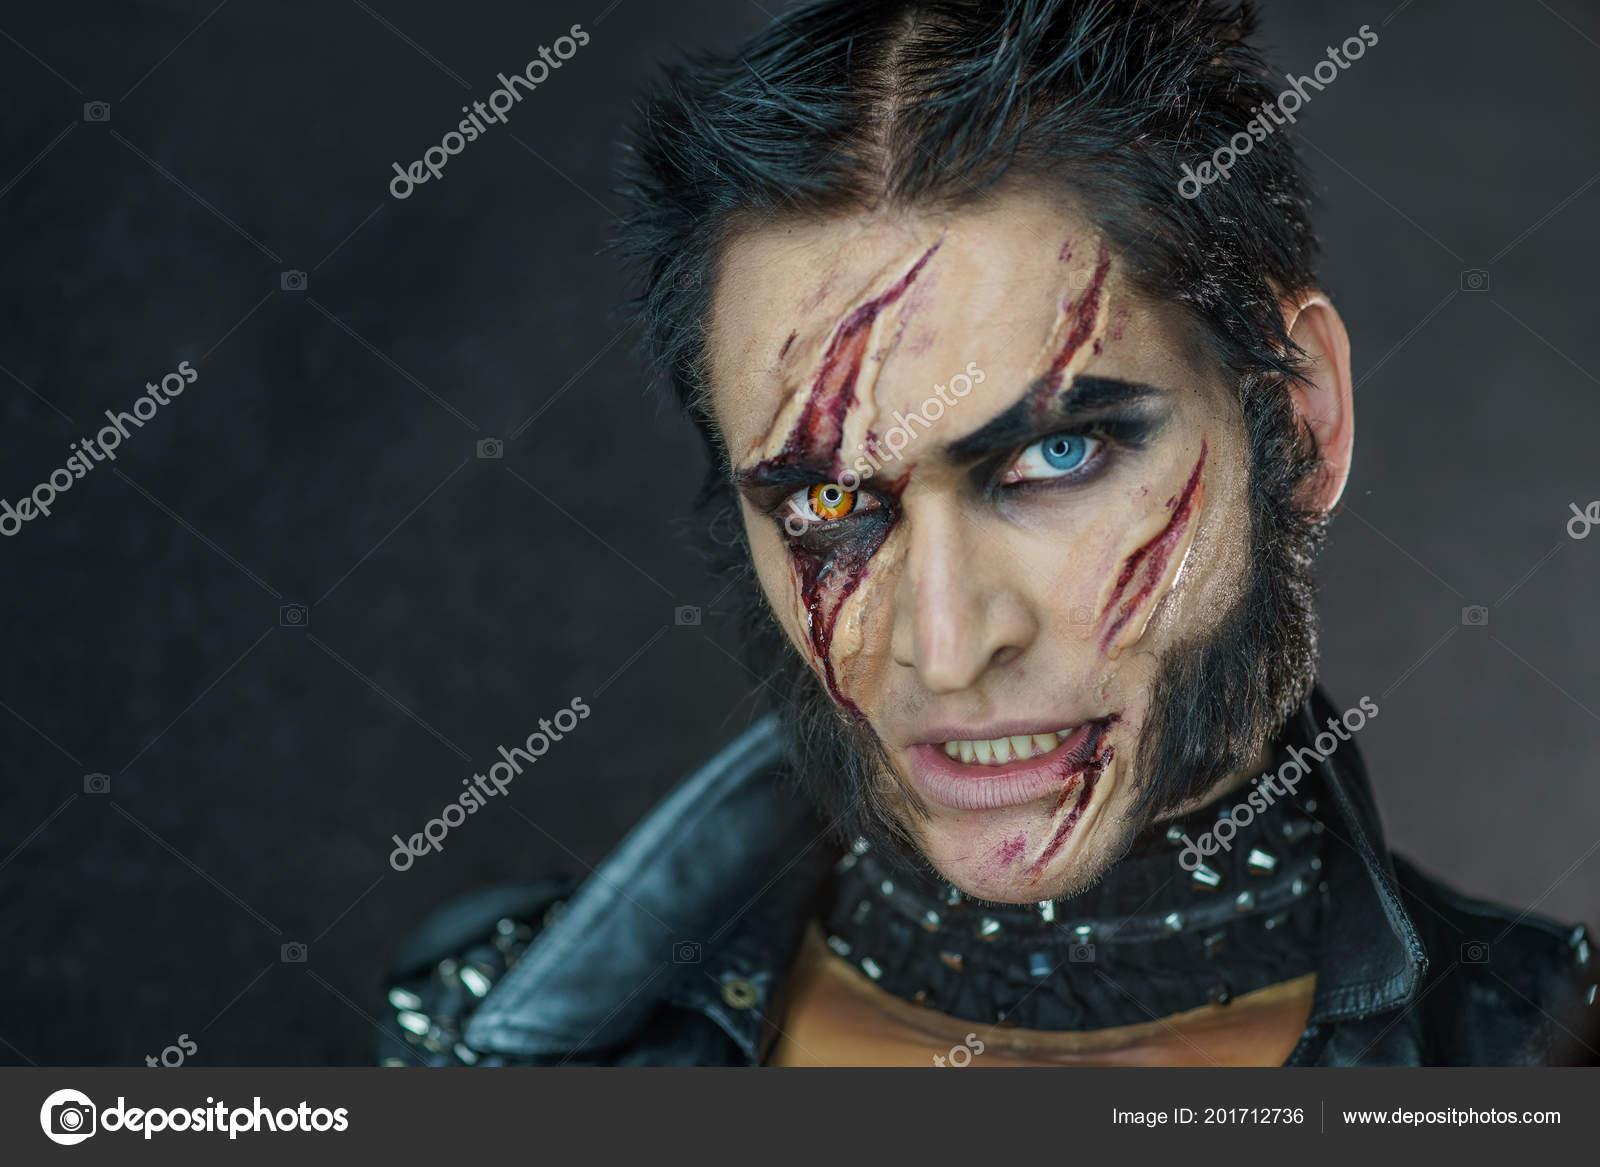 Loup Garou Maquillage Professionnel Wolverine Avec Des Cicatrices